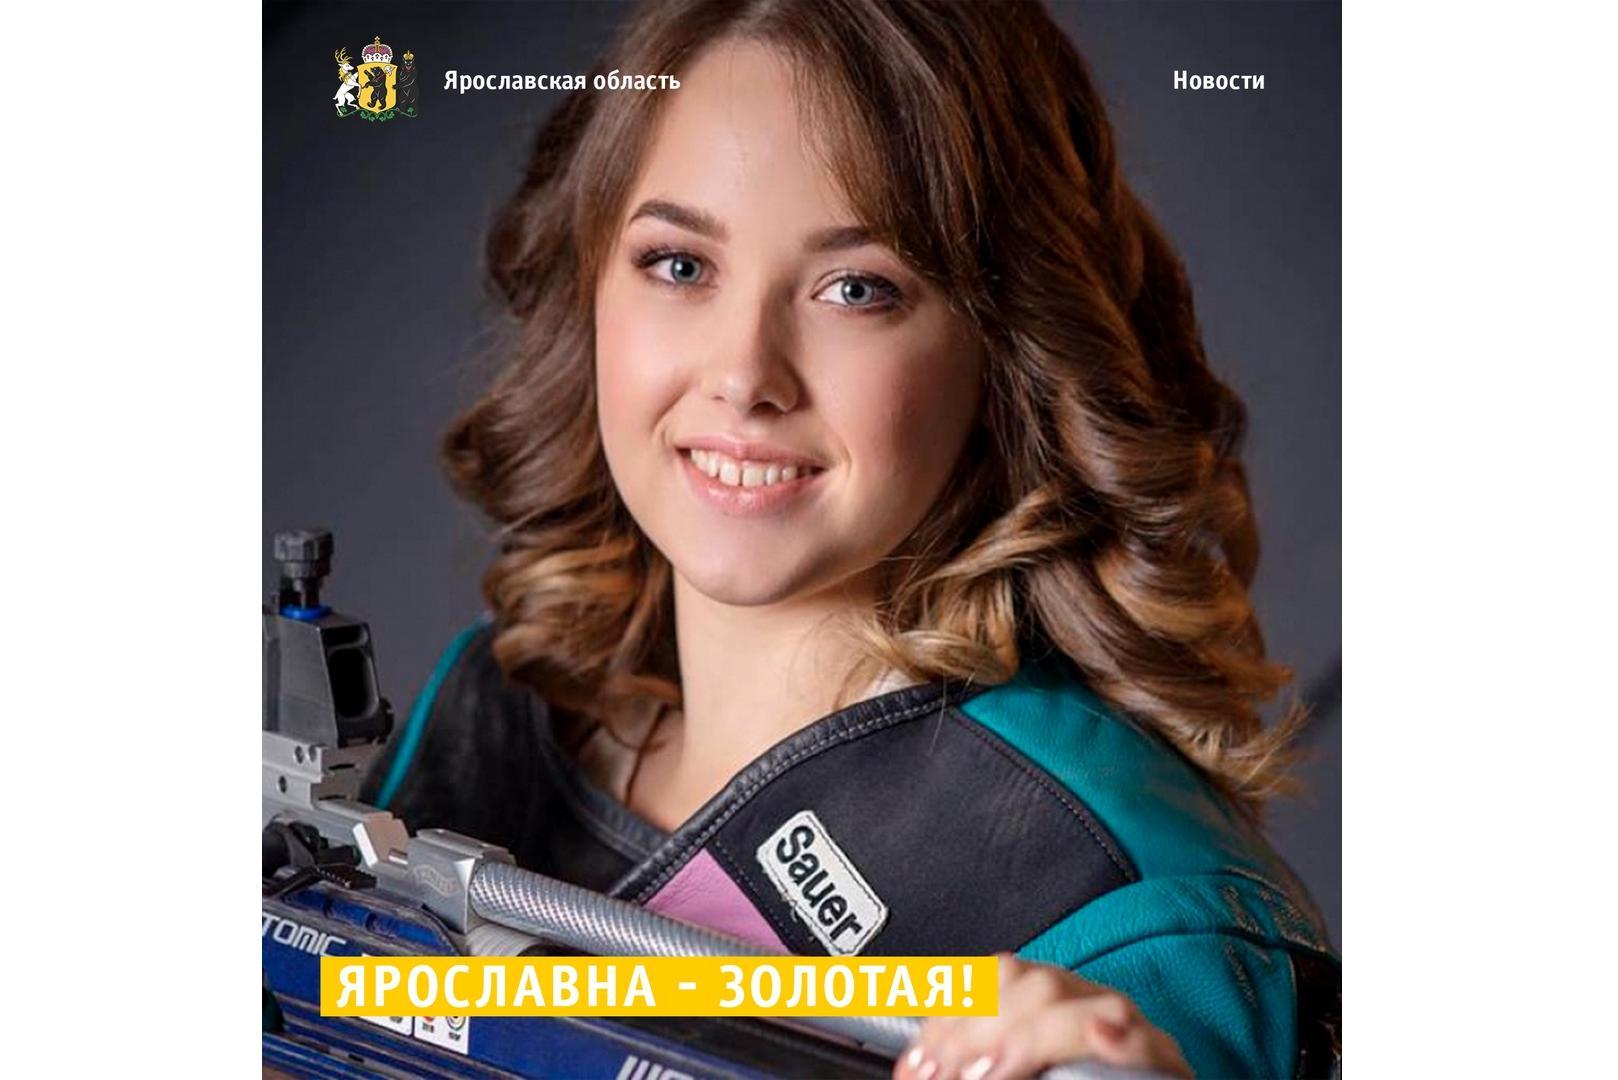 Ярославна взяла золото на чемпионате Европы по стрельбе из пневматического оружия